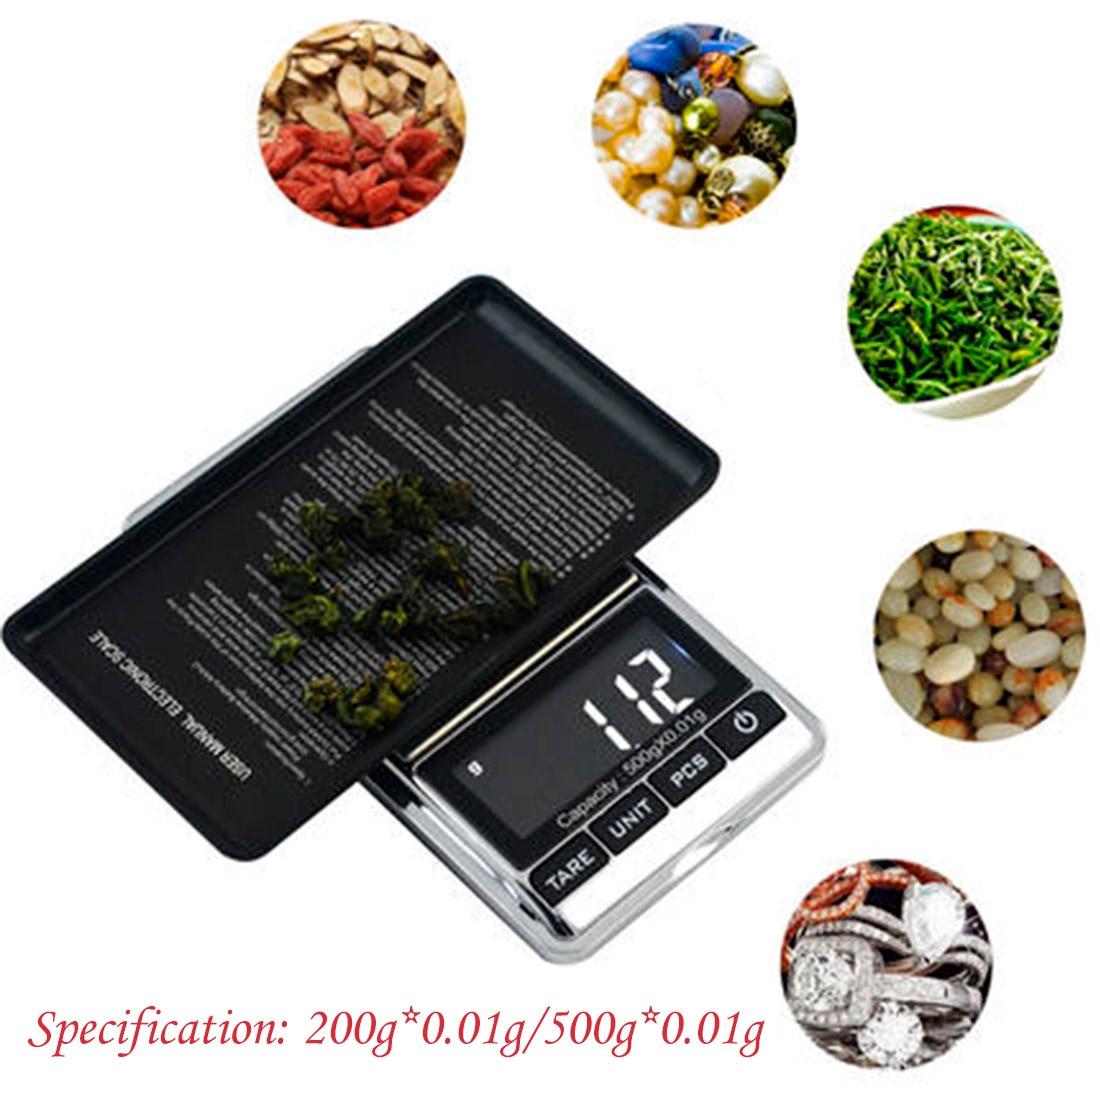 Компактные карманные цифровые весы, электронные карманные весы с ЖК-дисплеем для золота и драгоценностей, 200 г/500 г x 0,01 г